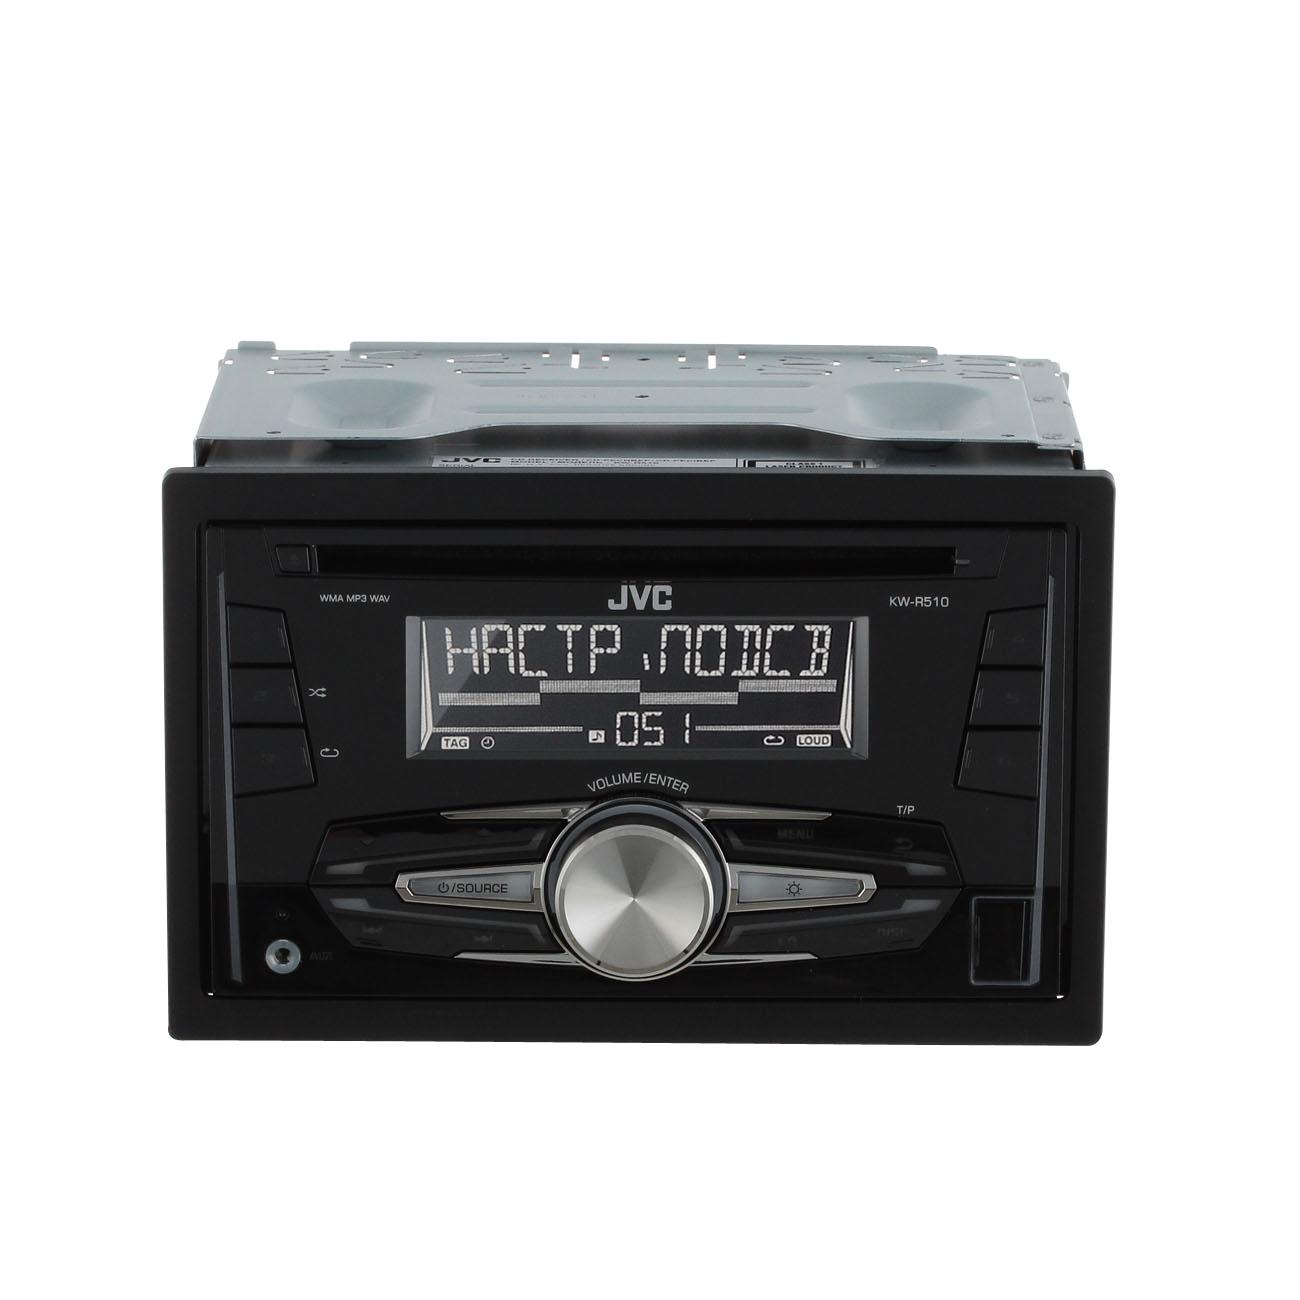 Купить Автомобильная магнитола с CD MP3 JVC KW-R510EED недорого  Москва, Екатеринбург, Уфа, Новосибирск